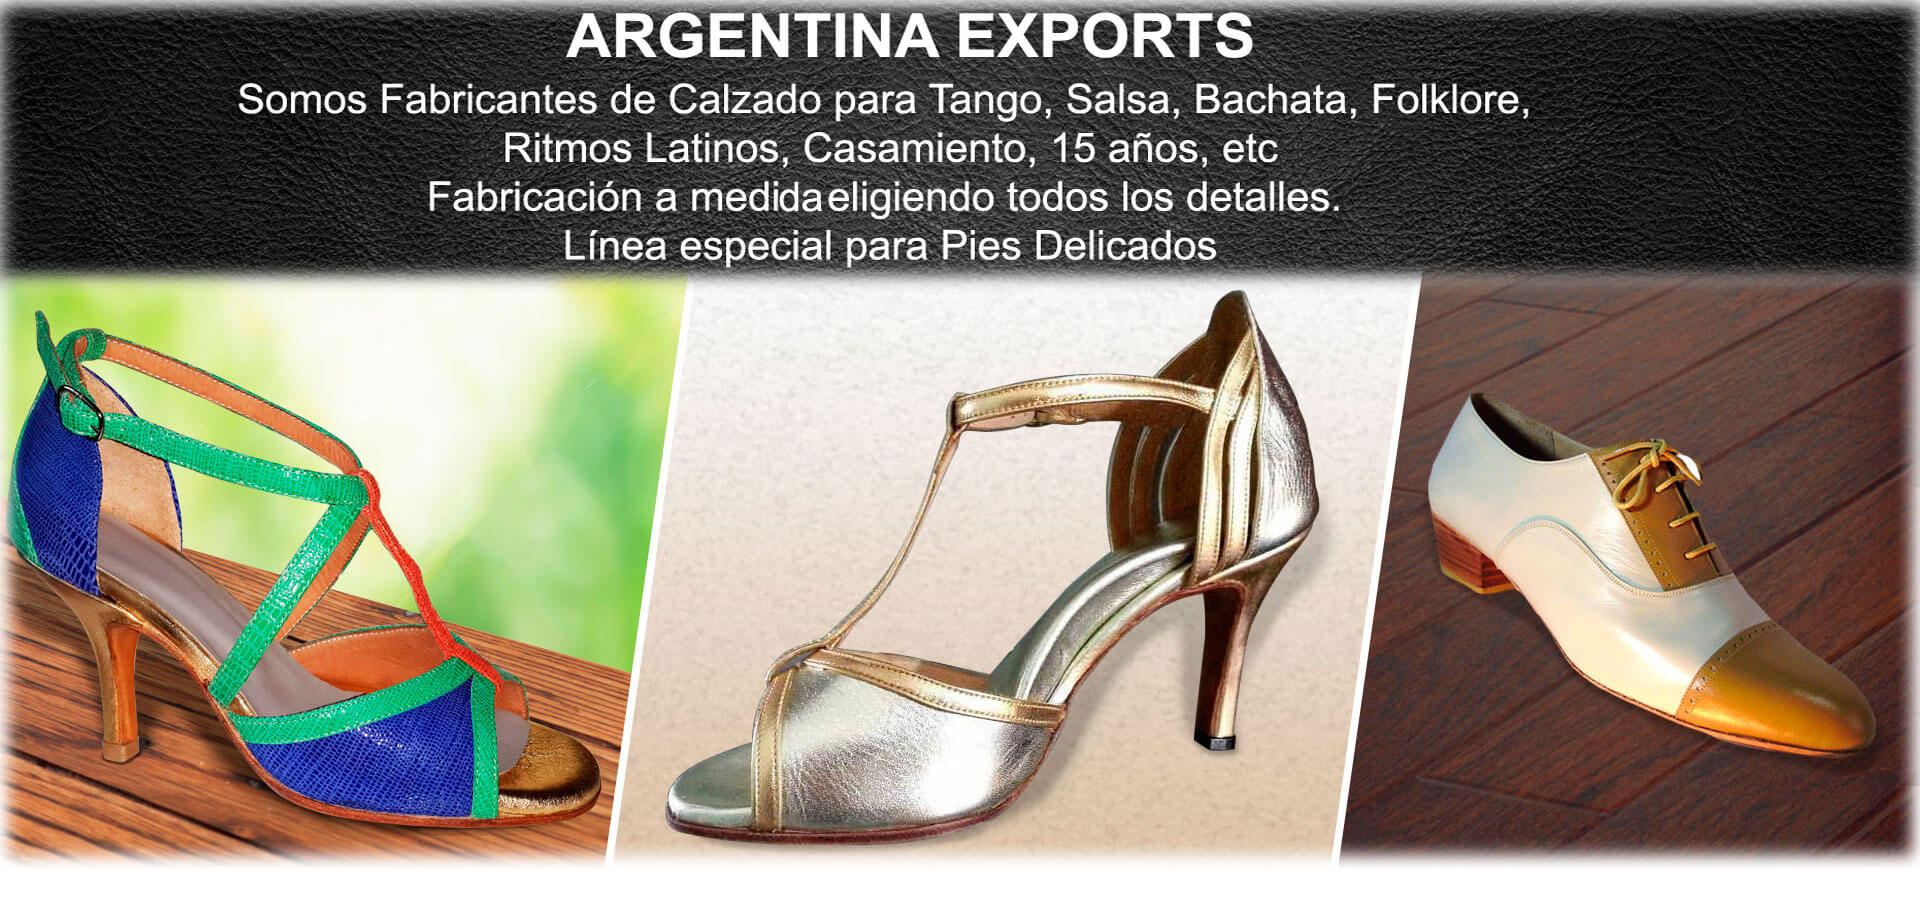 Fábrica de Zapatos de Tango, Salsa y Más